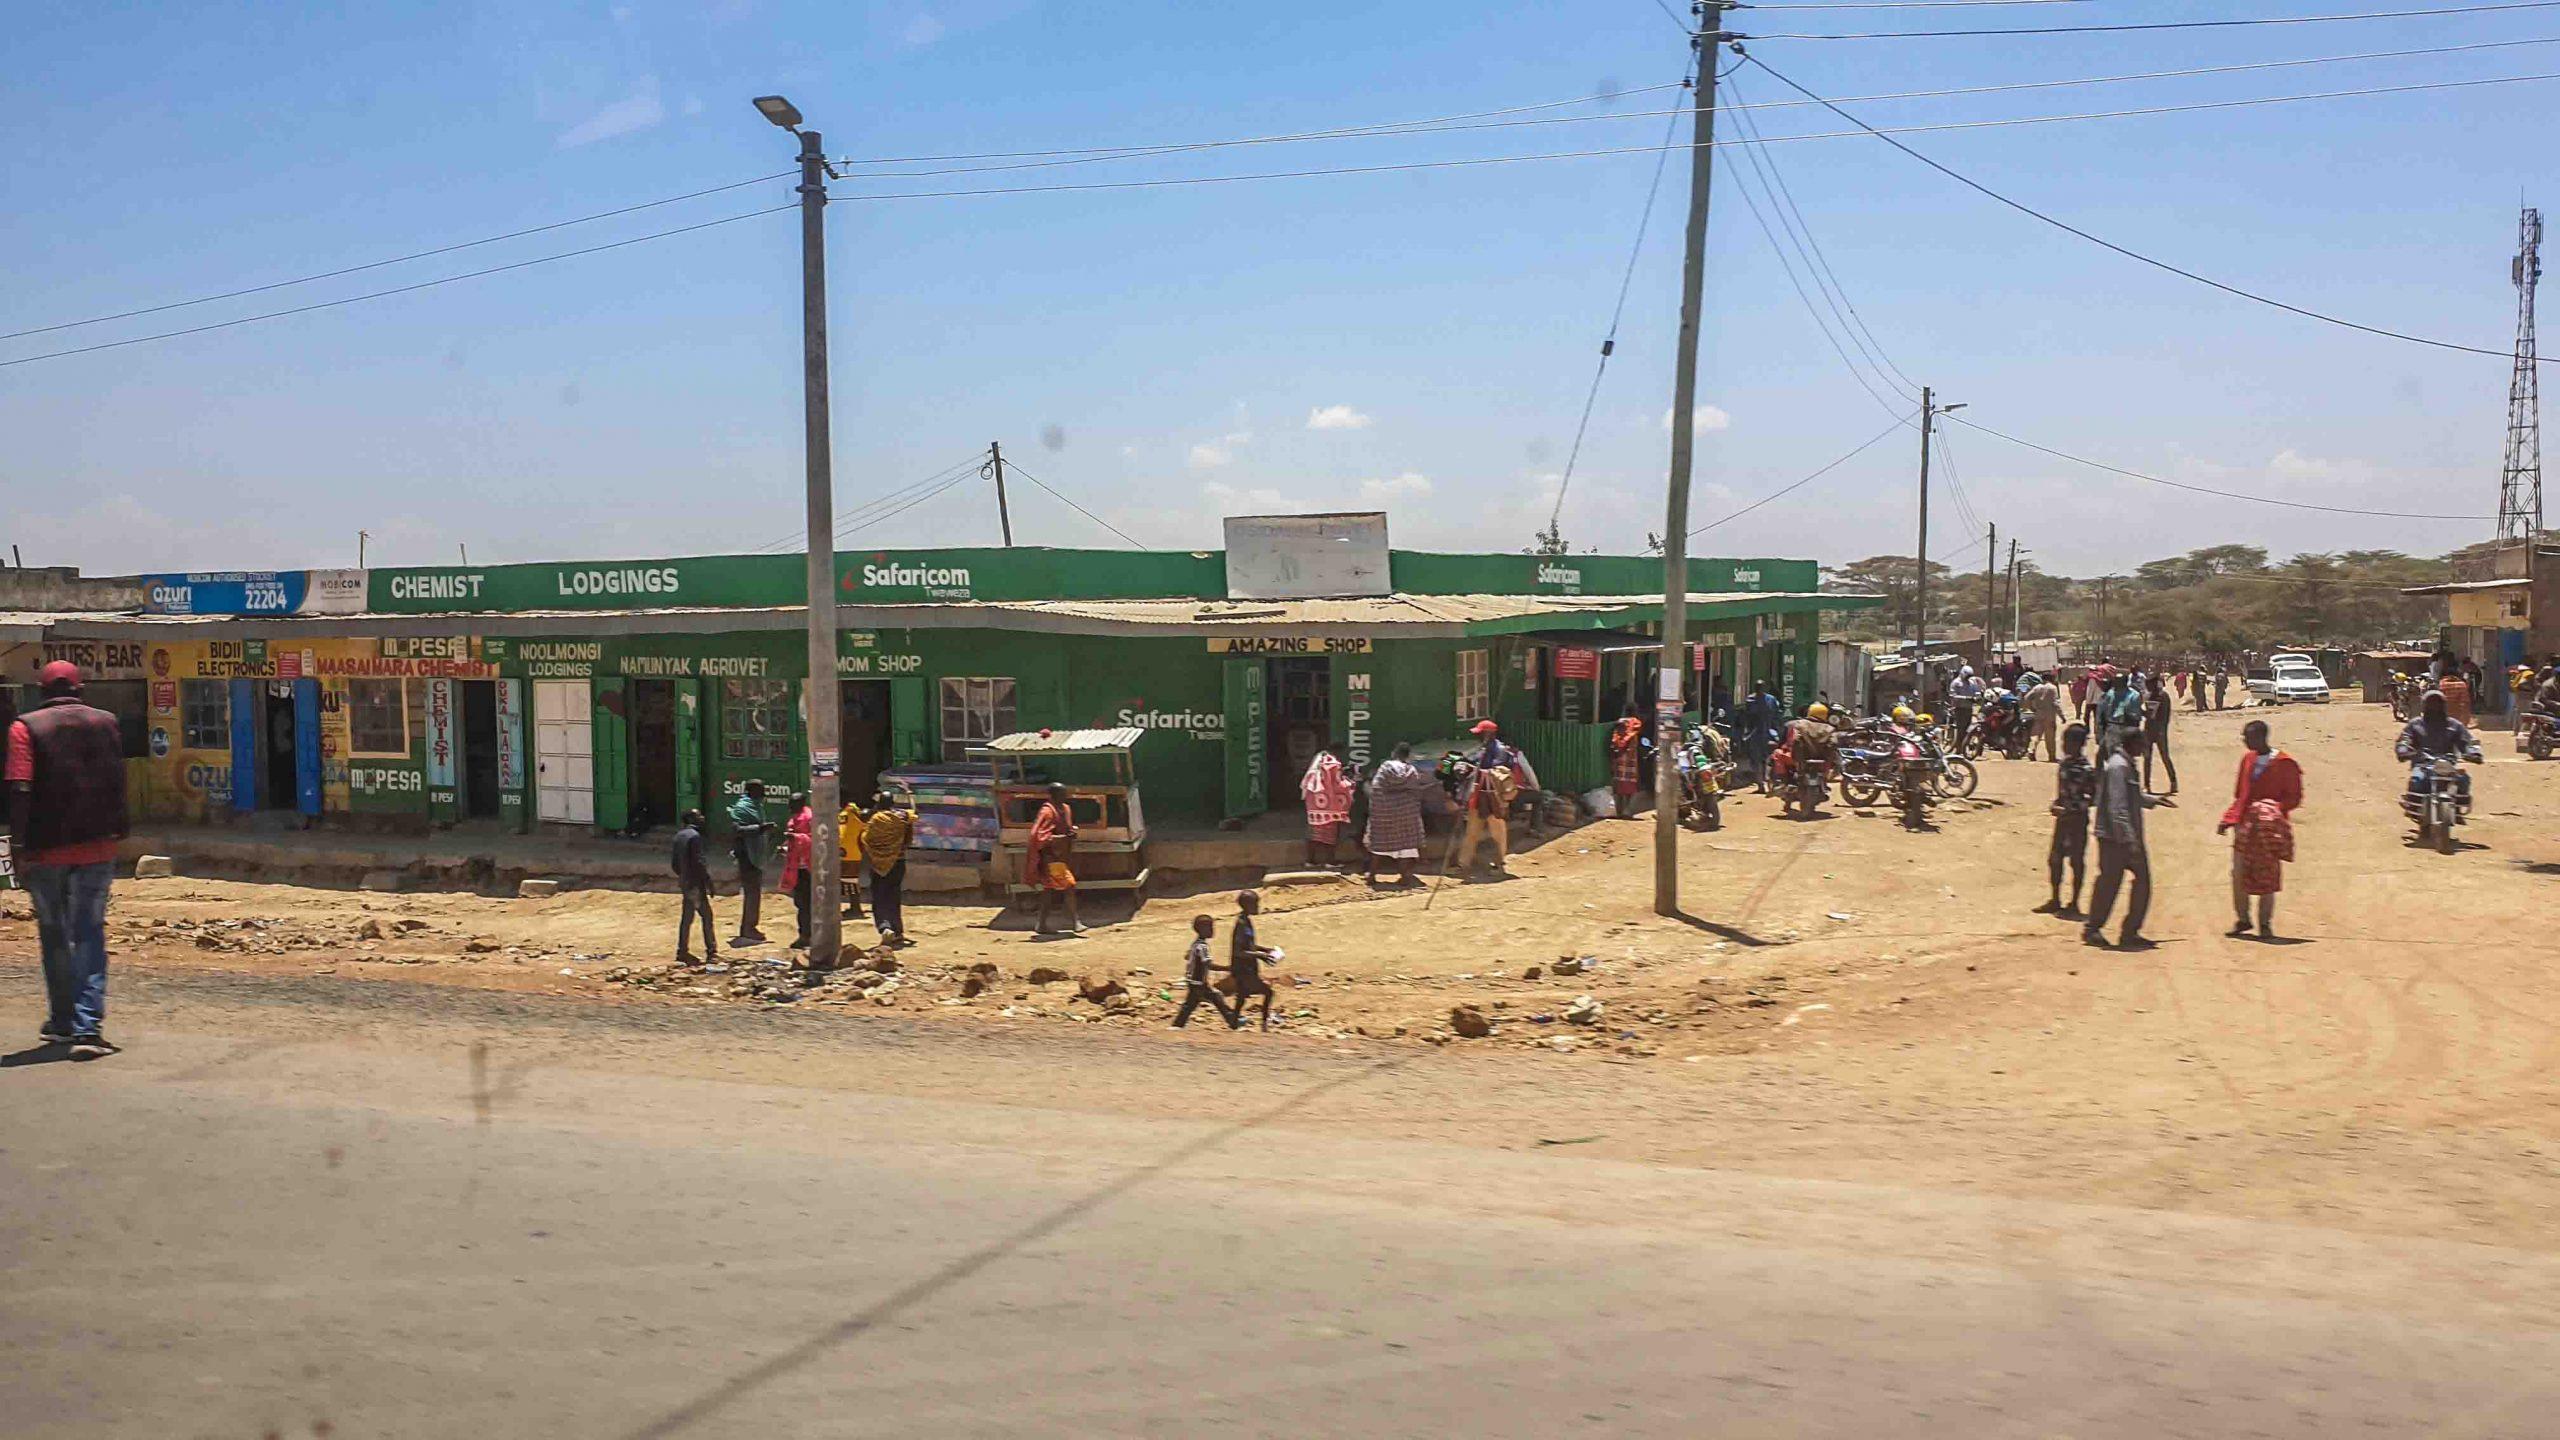 Punto de venta de Safaricom, Kenia